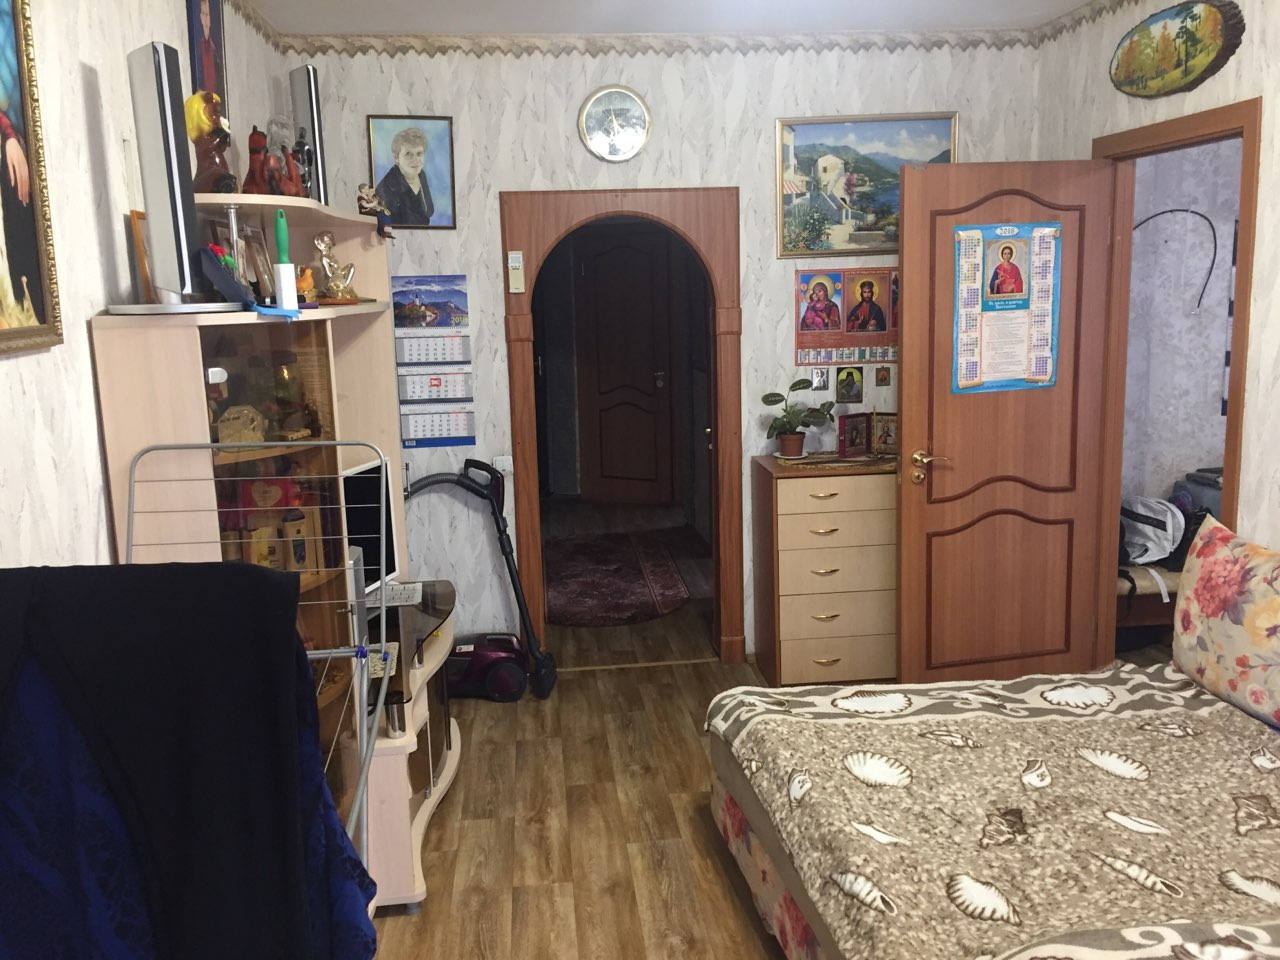 Квартира на продажу по адресу Россия, Тюменская обл, Тюмень, Волгоградская улица, 119